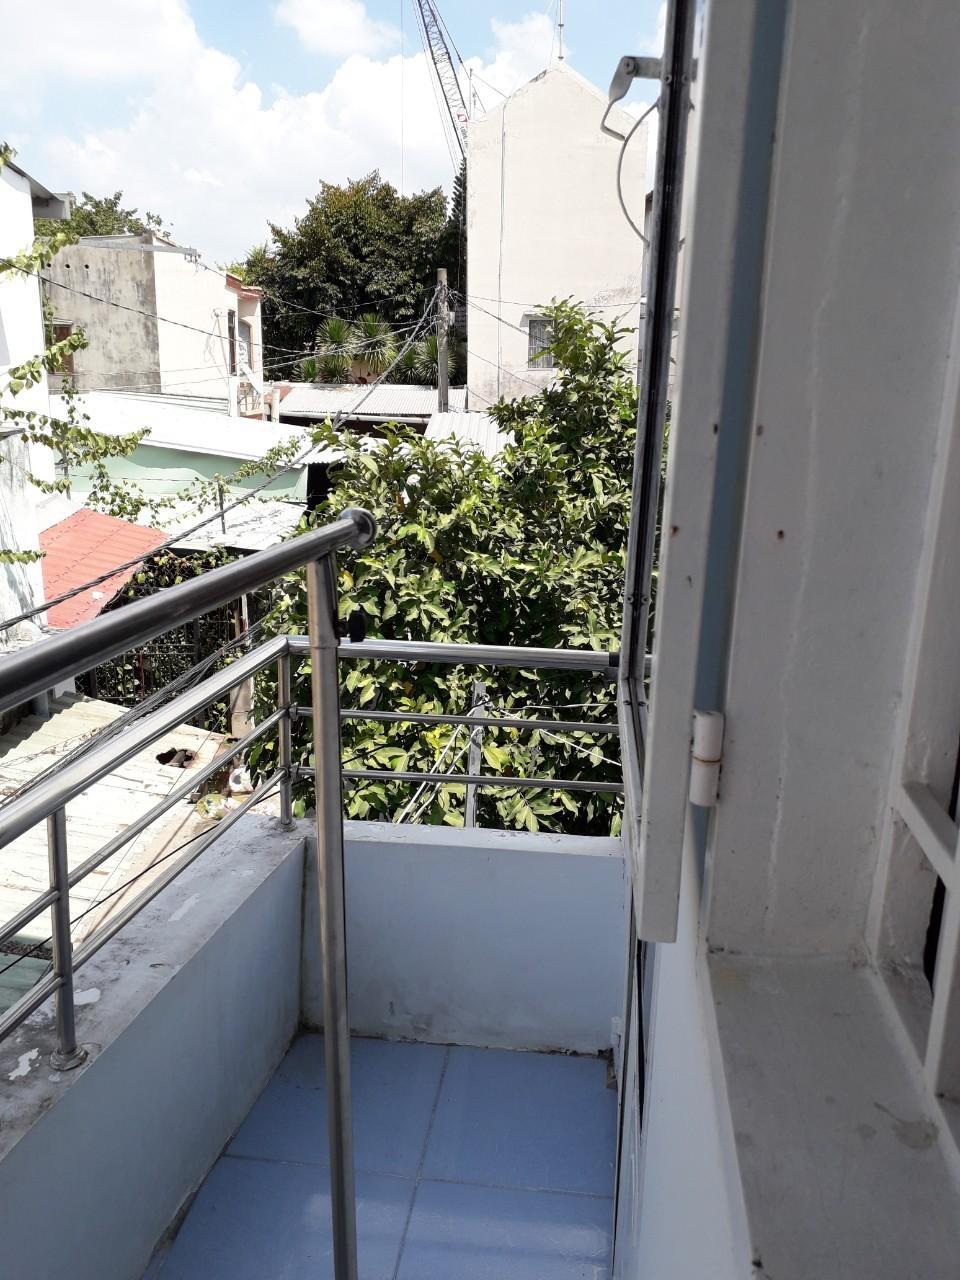 Bán nhà 1 lầu đường Bình Đức phường 15 Quận 8 giá rẻ 920 triệu